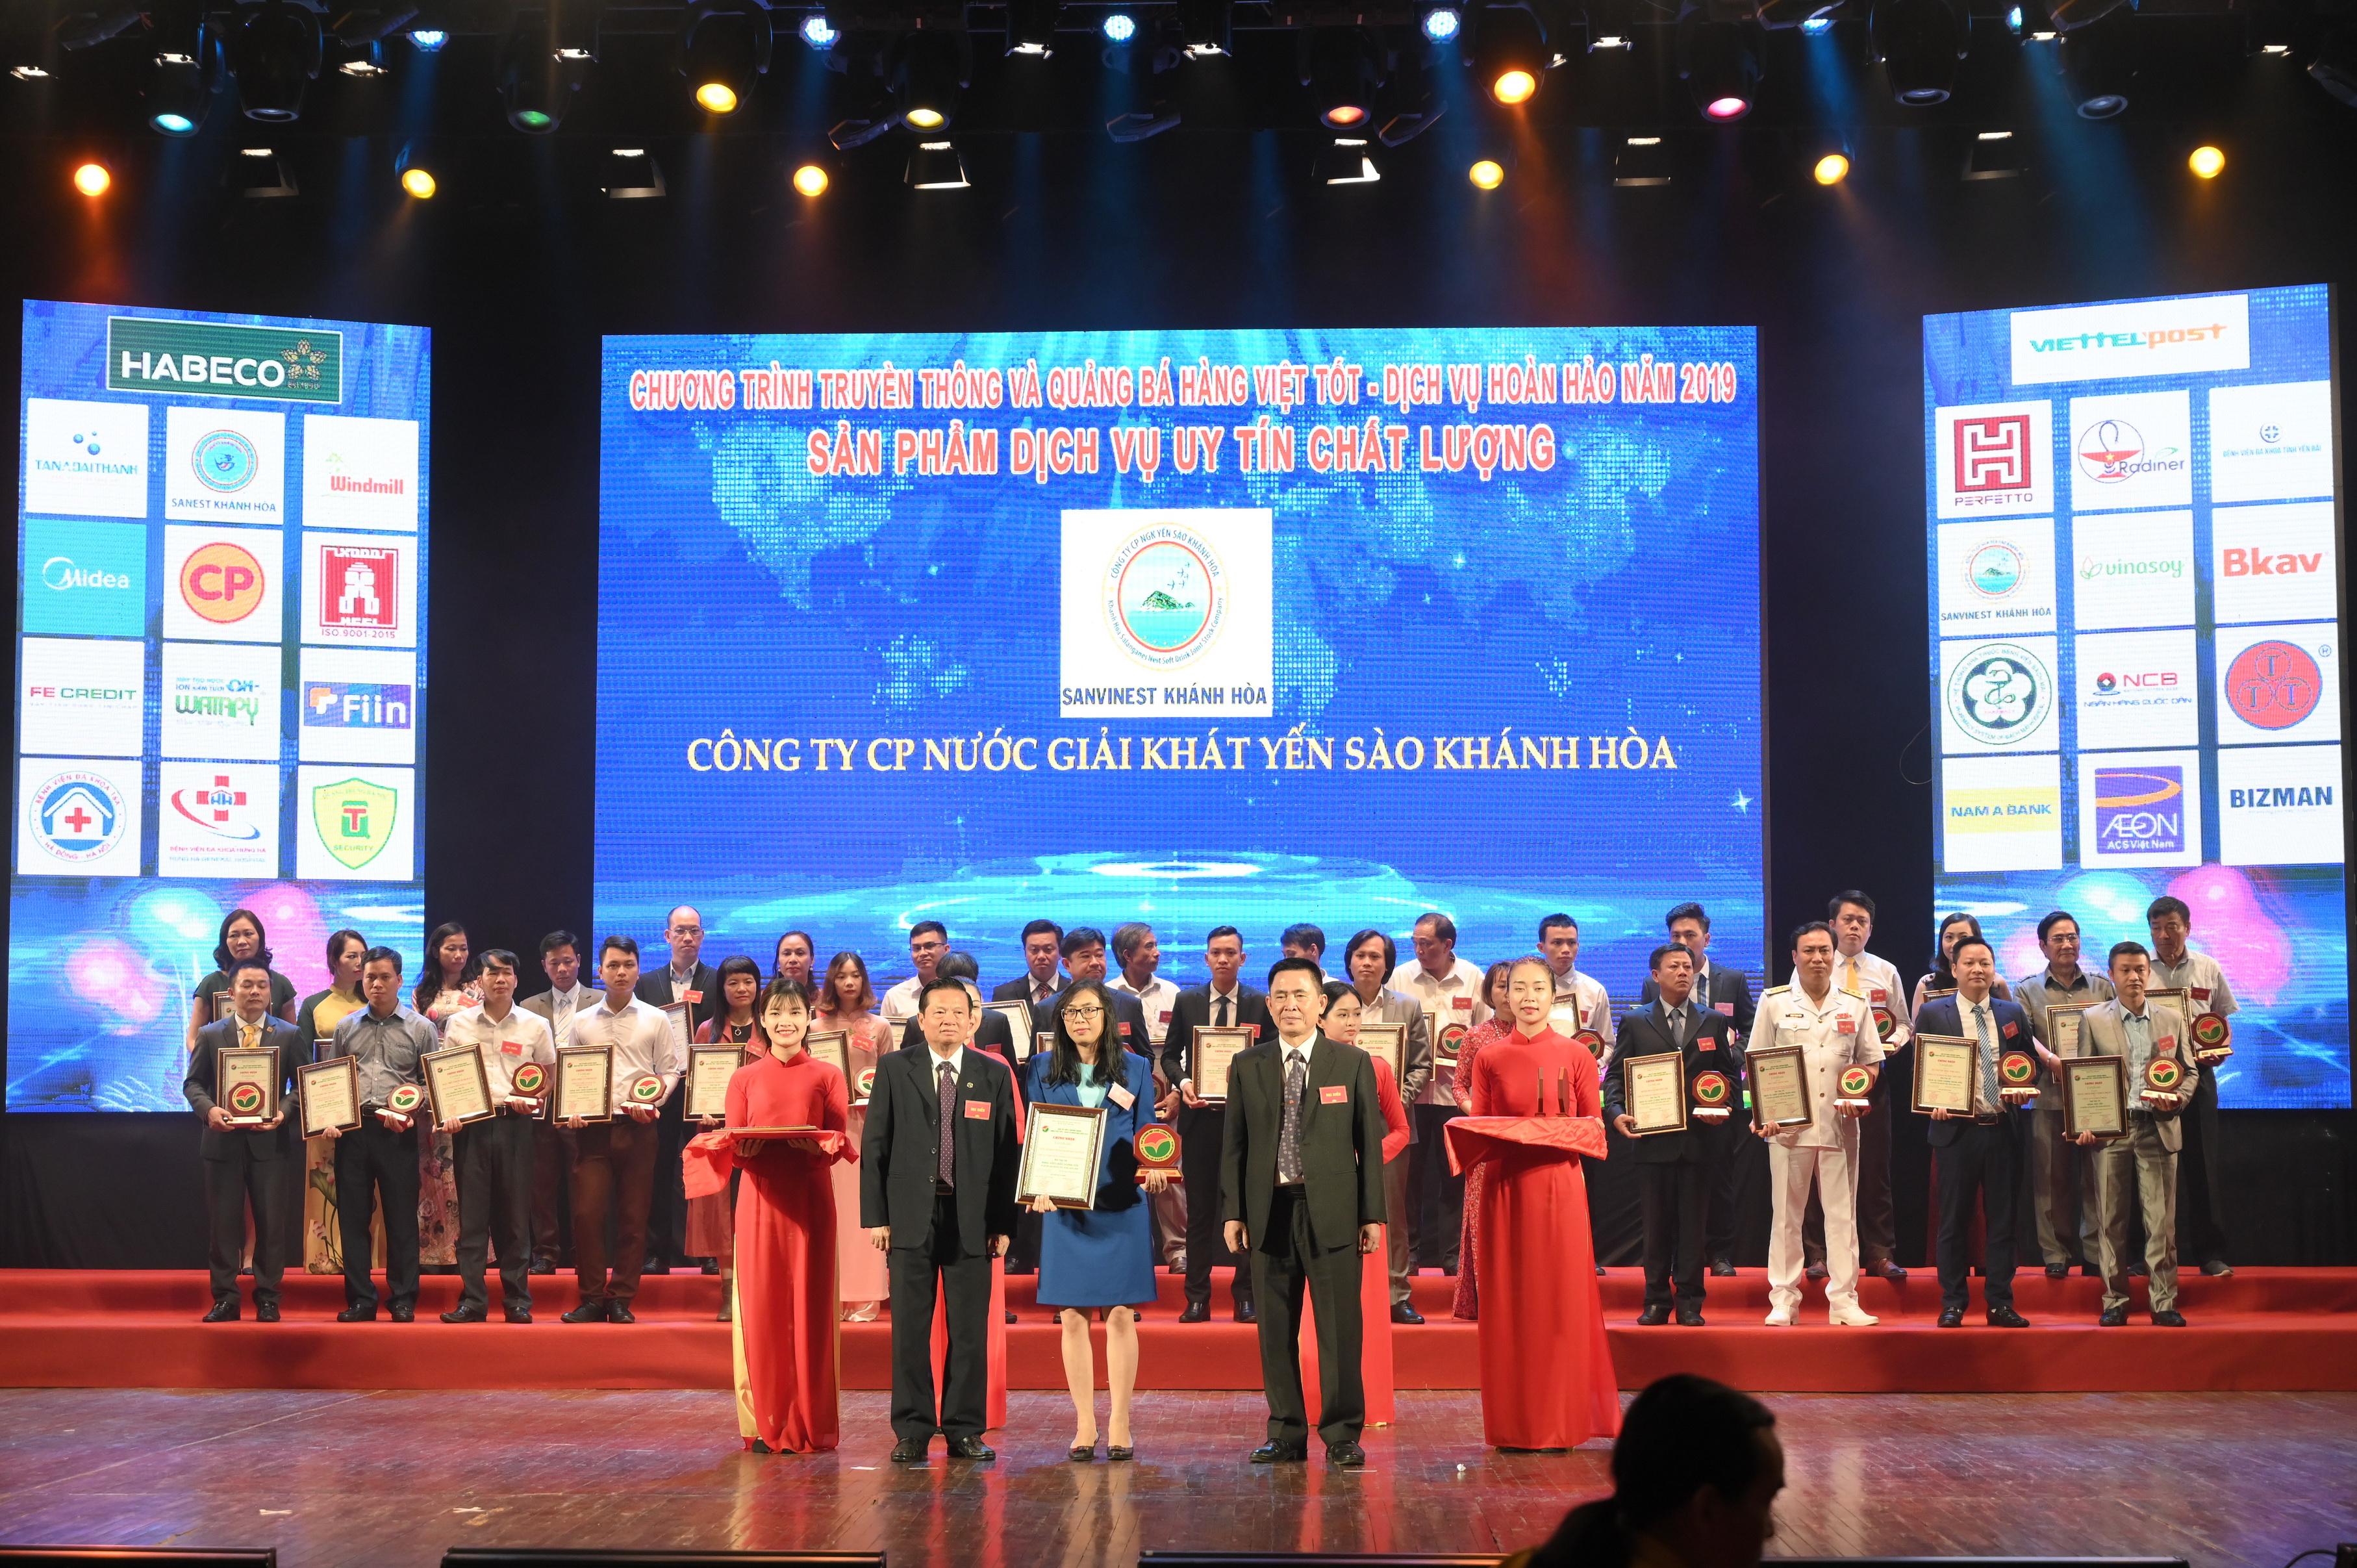 Công ty CP NGK Yến sào Khánh Hòa đã vinh dự lọt Top 10 hàng Việt chất lượng tốt